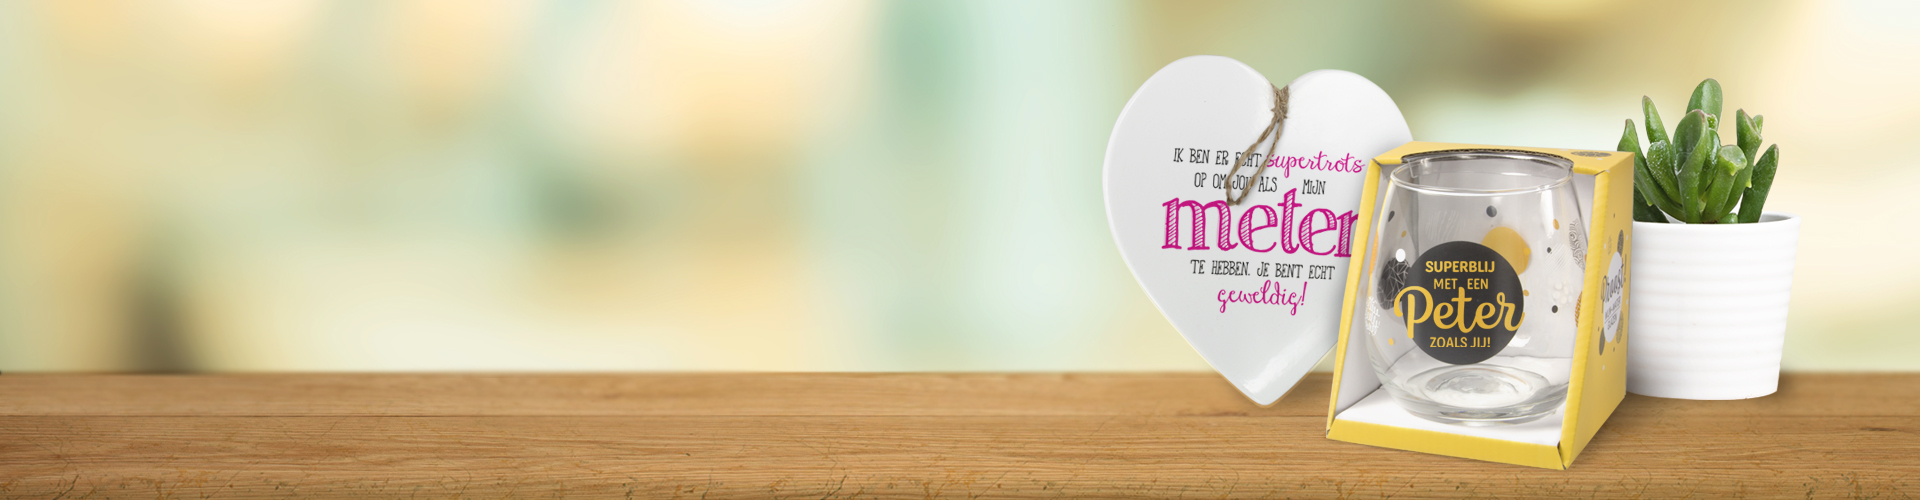 Peter-Meter event Miko cadeau groothandel wijnglas hartje voor jou